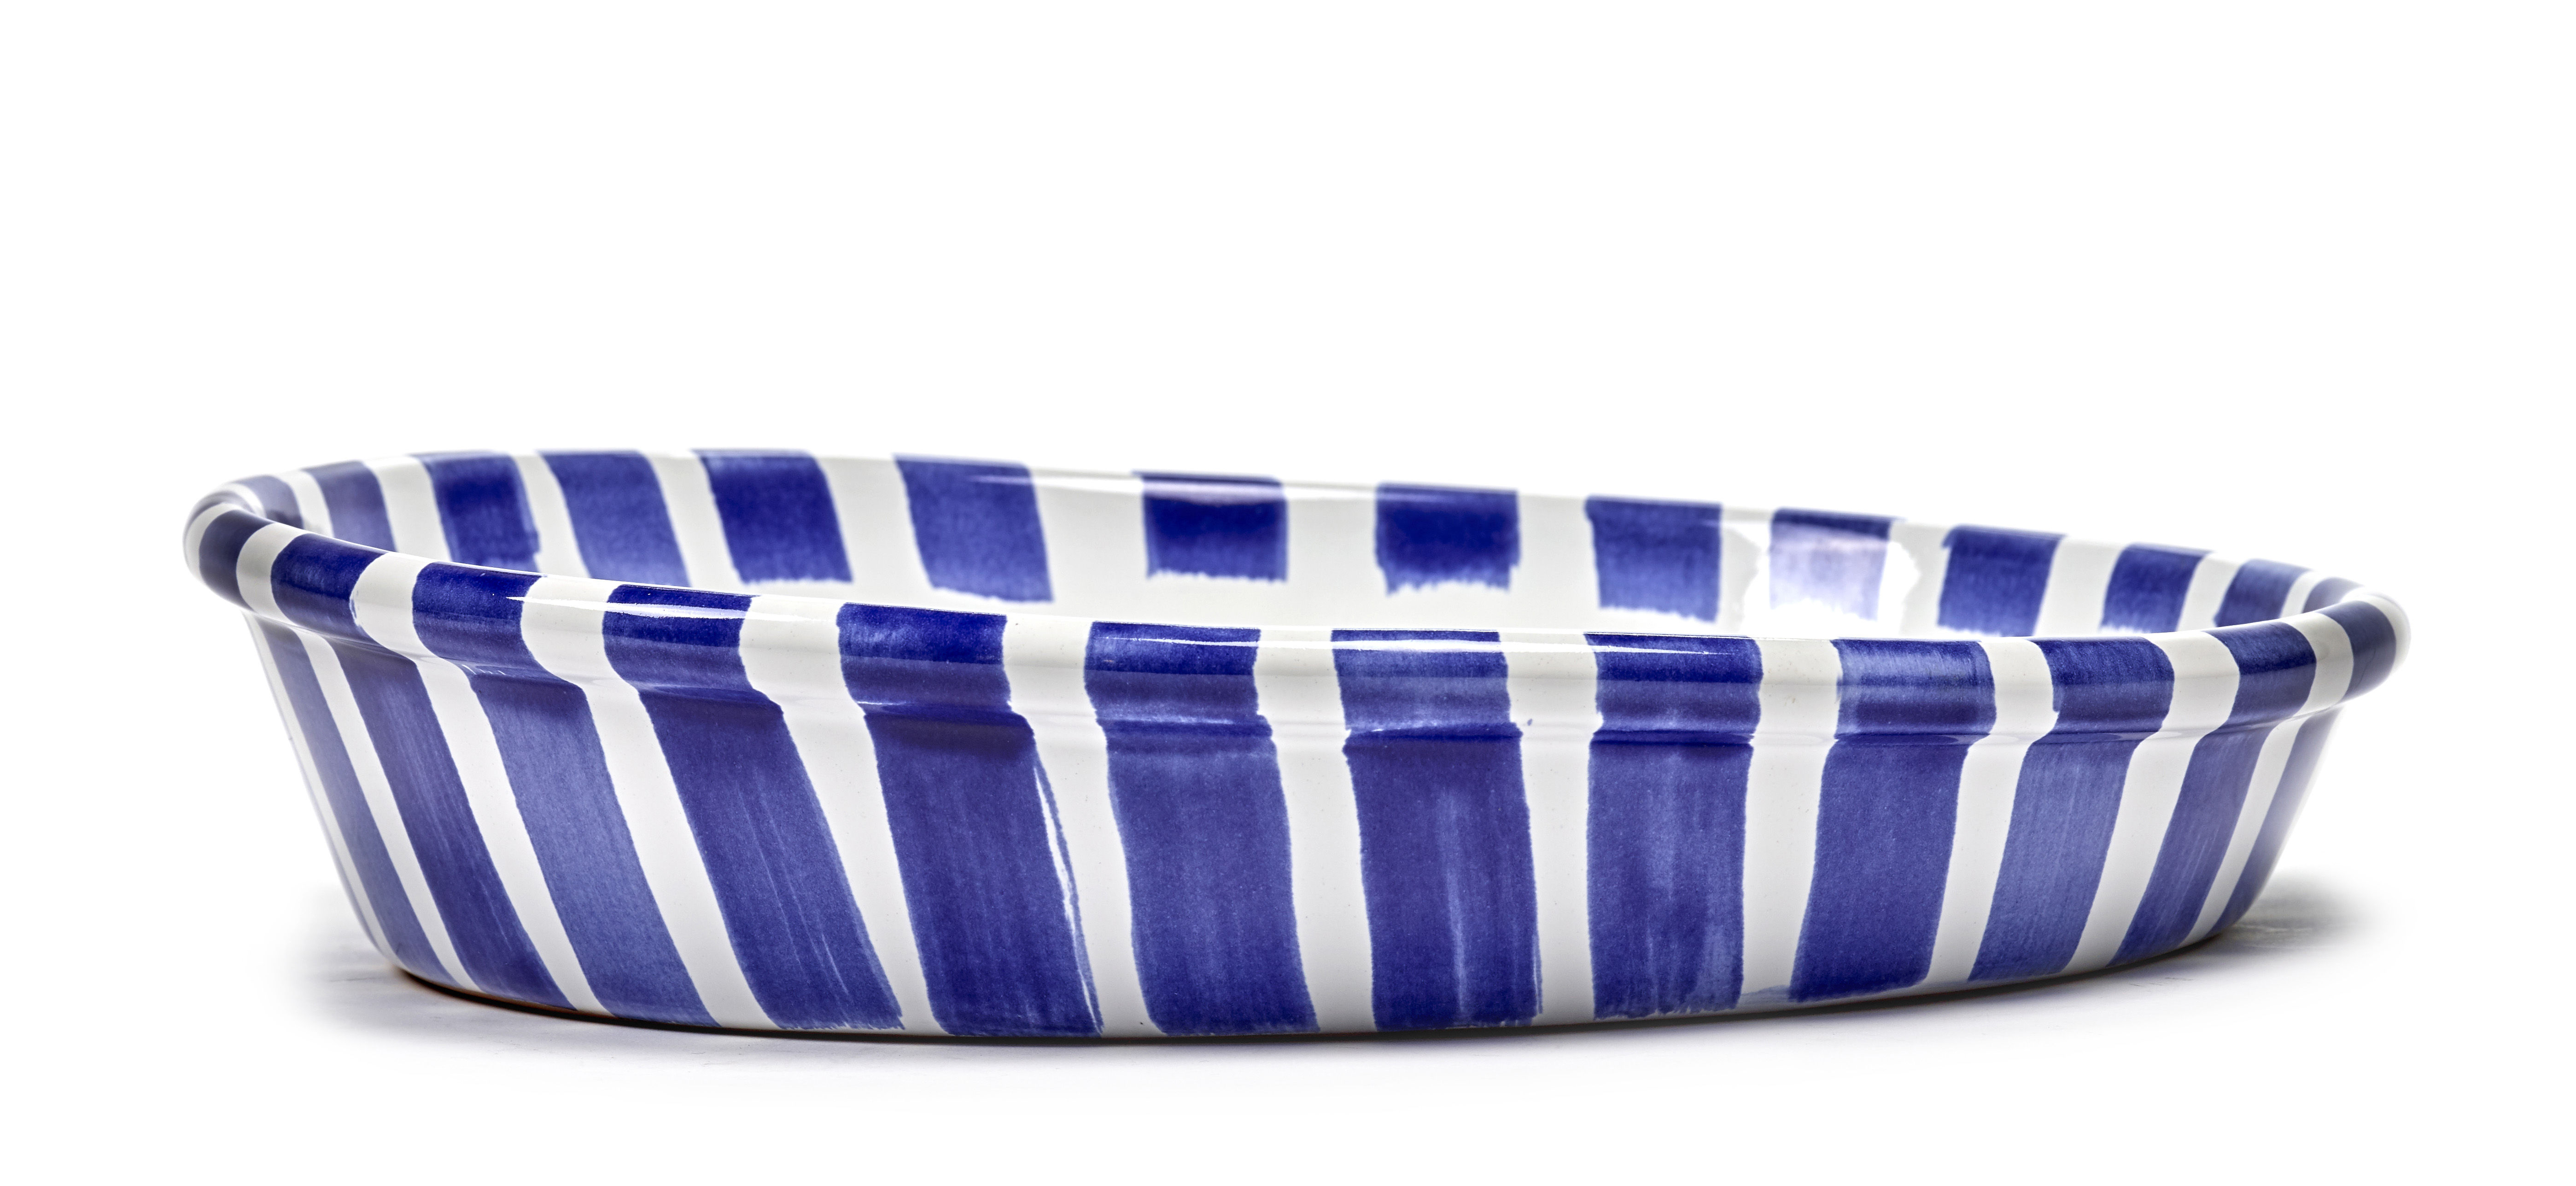 Arts de la table - Saladiers, coupes et bols - Saladier Large / Ø 39 cm - Serax - Ø 39 cm / Bleu - Céramique émaillée